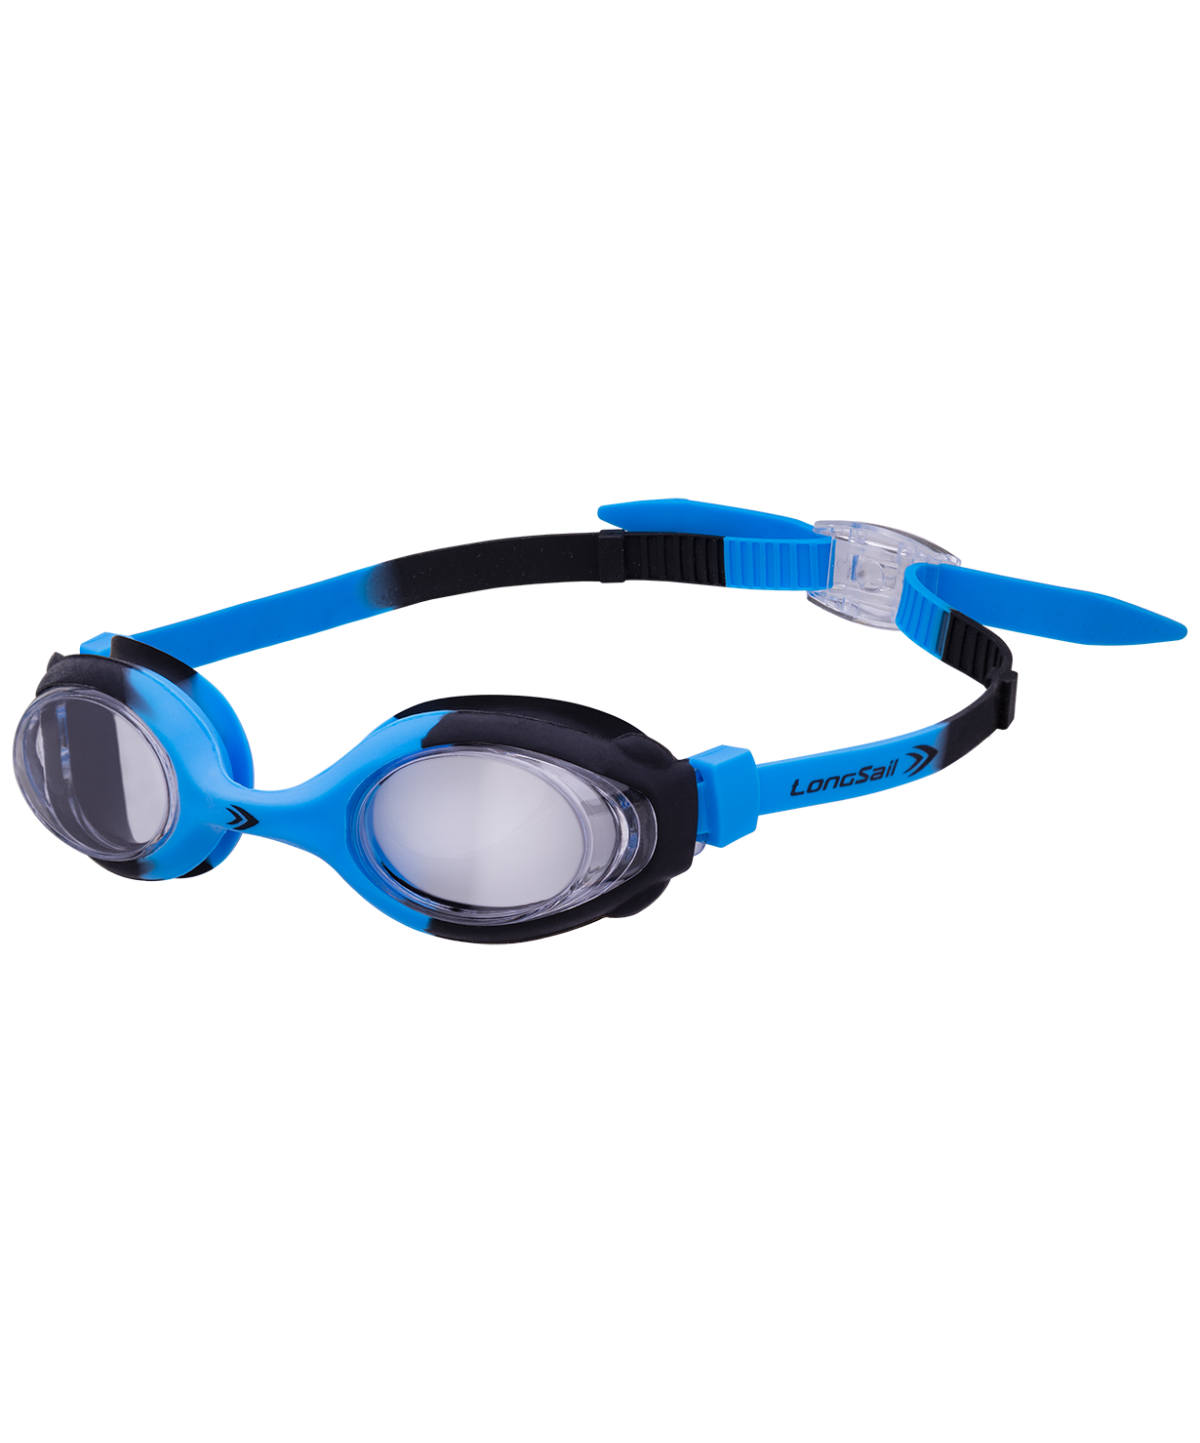 LONGSAIL Kids Crystal Очки для плавания  L041231: синий/черный - 1